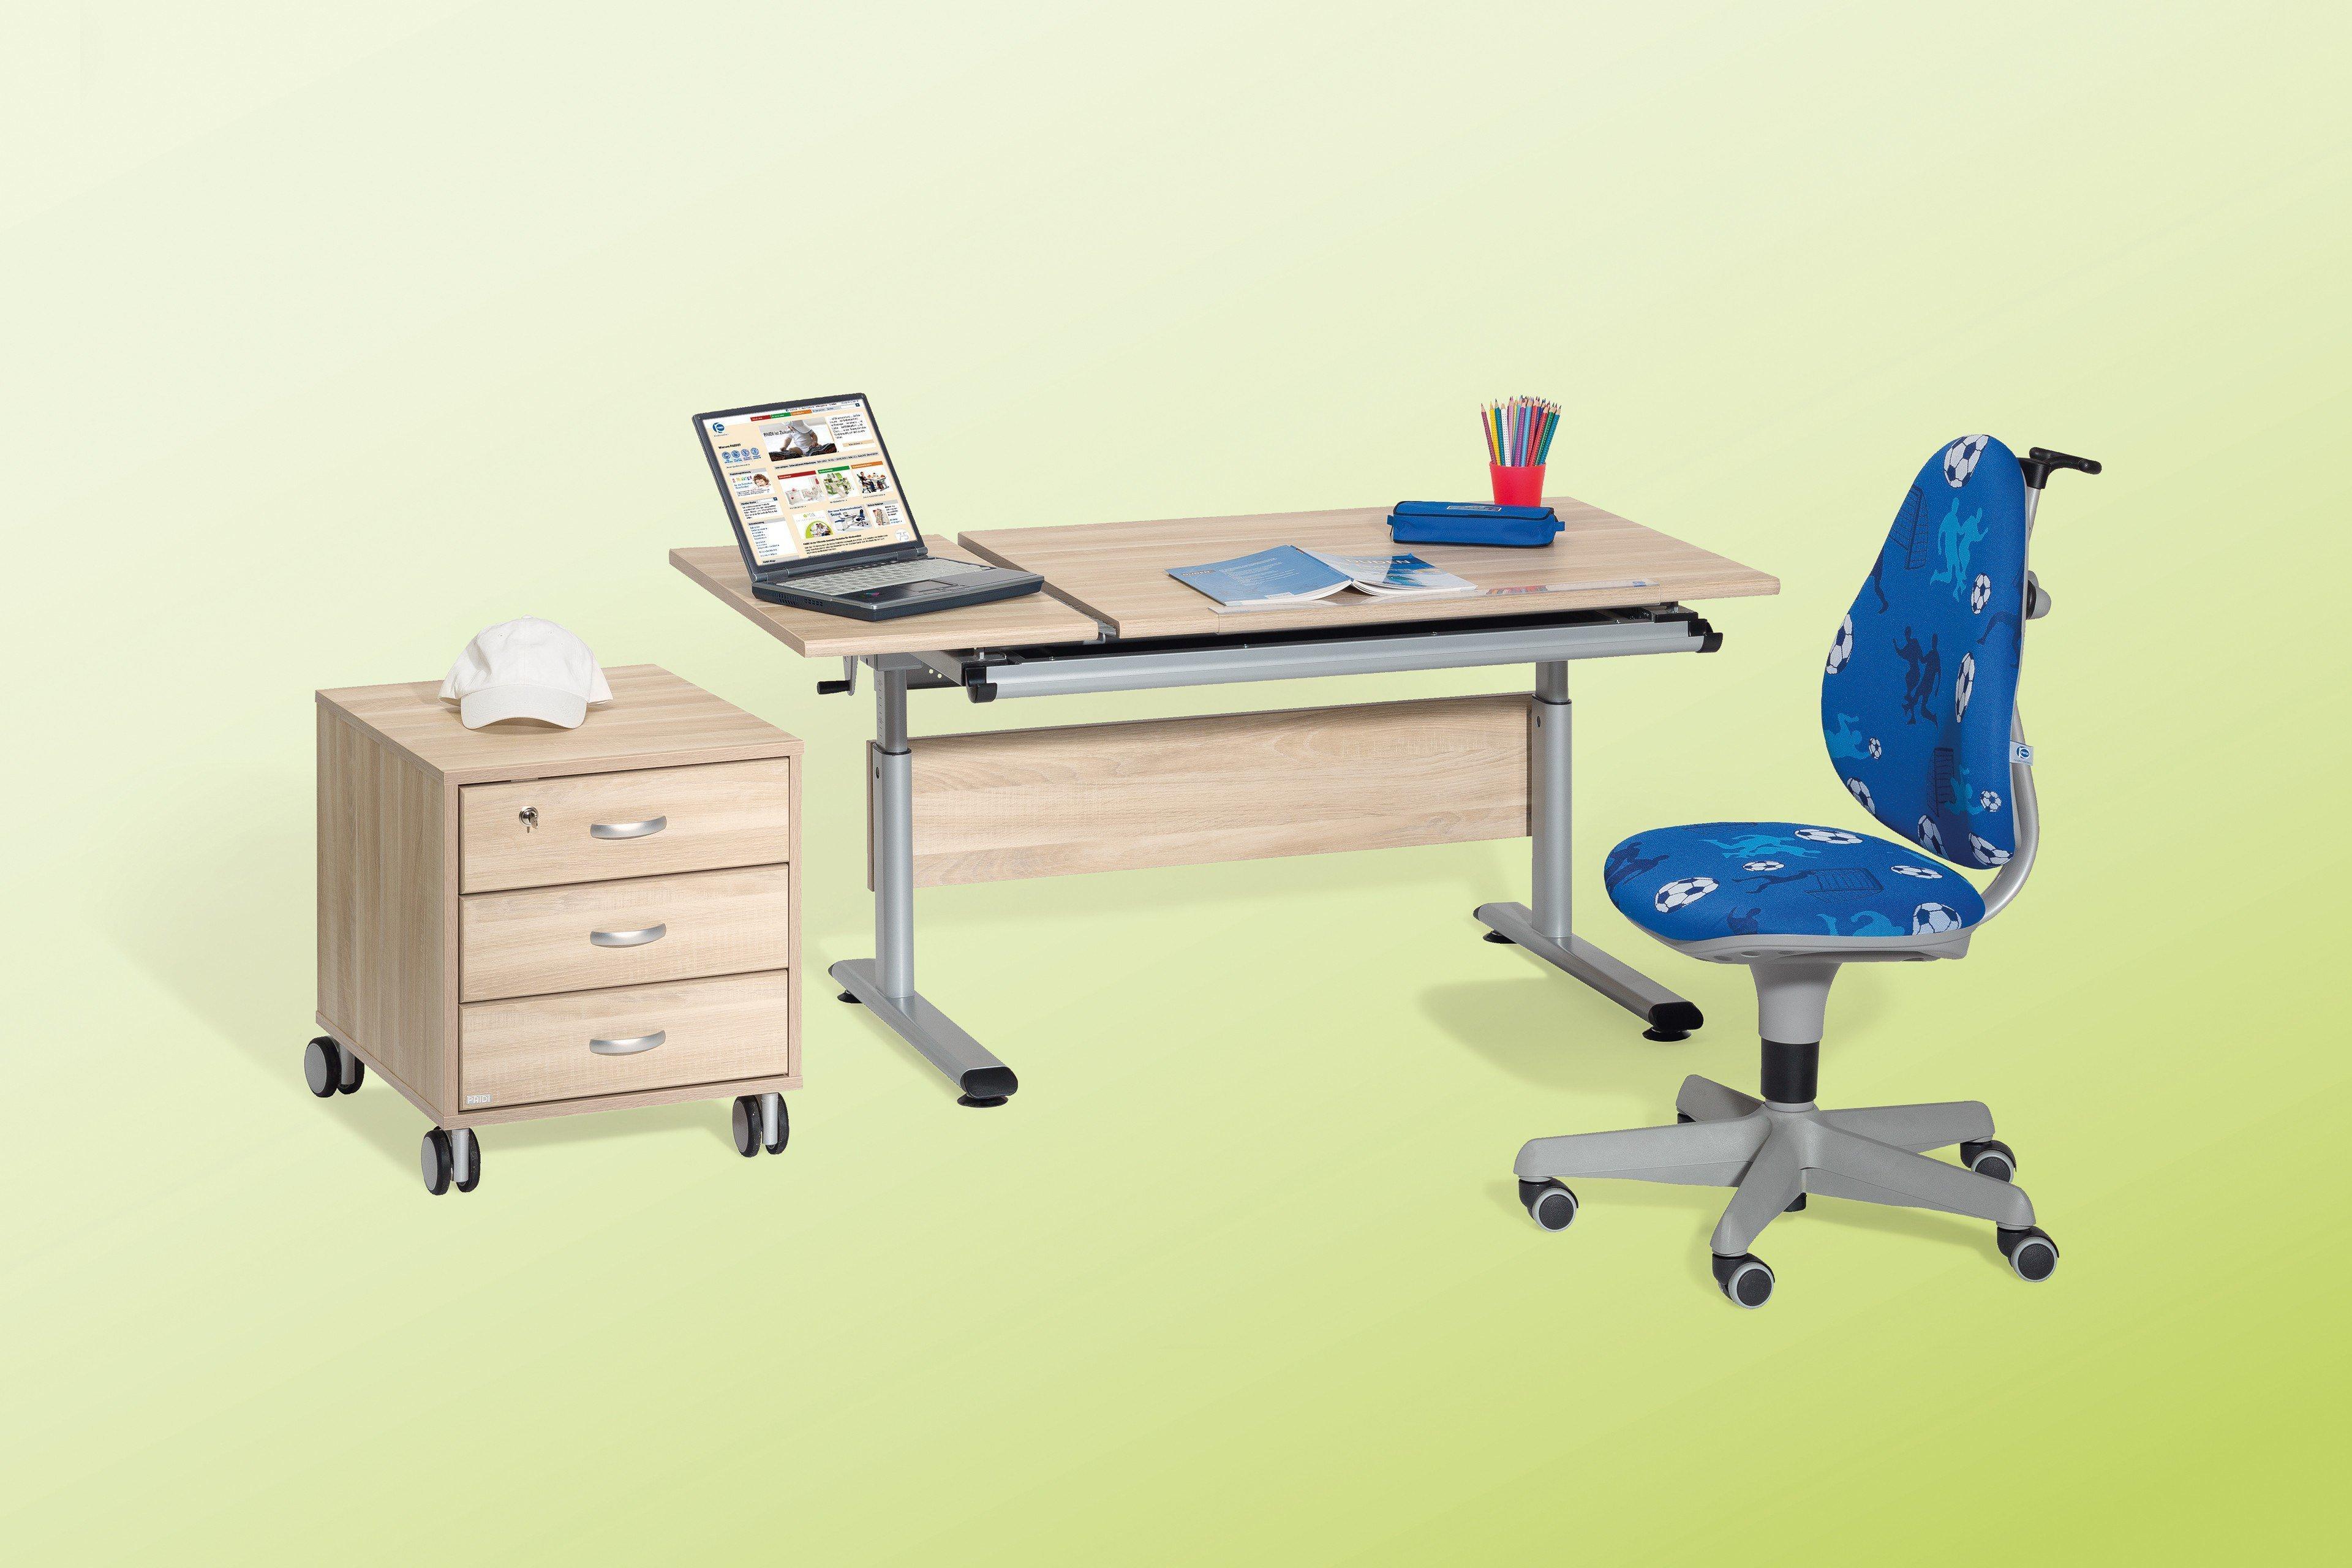 Erstaunlich Schreibtisch Marco 2 Das Beste Von Gt Von Paidi - Eiche-nachbildung